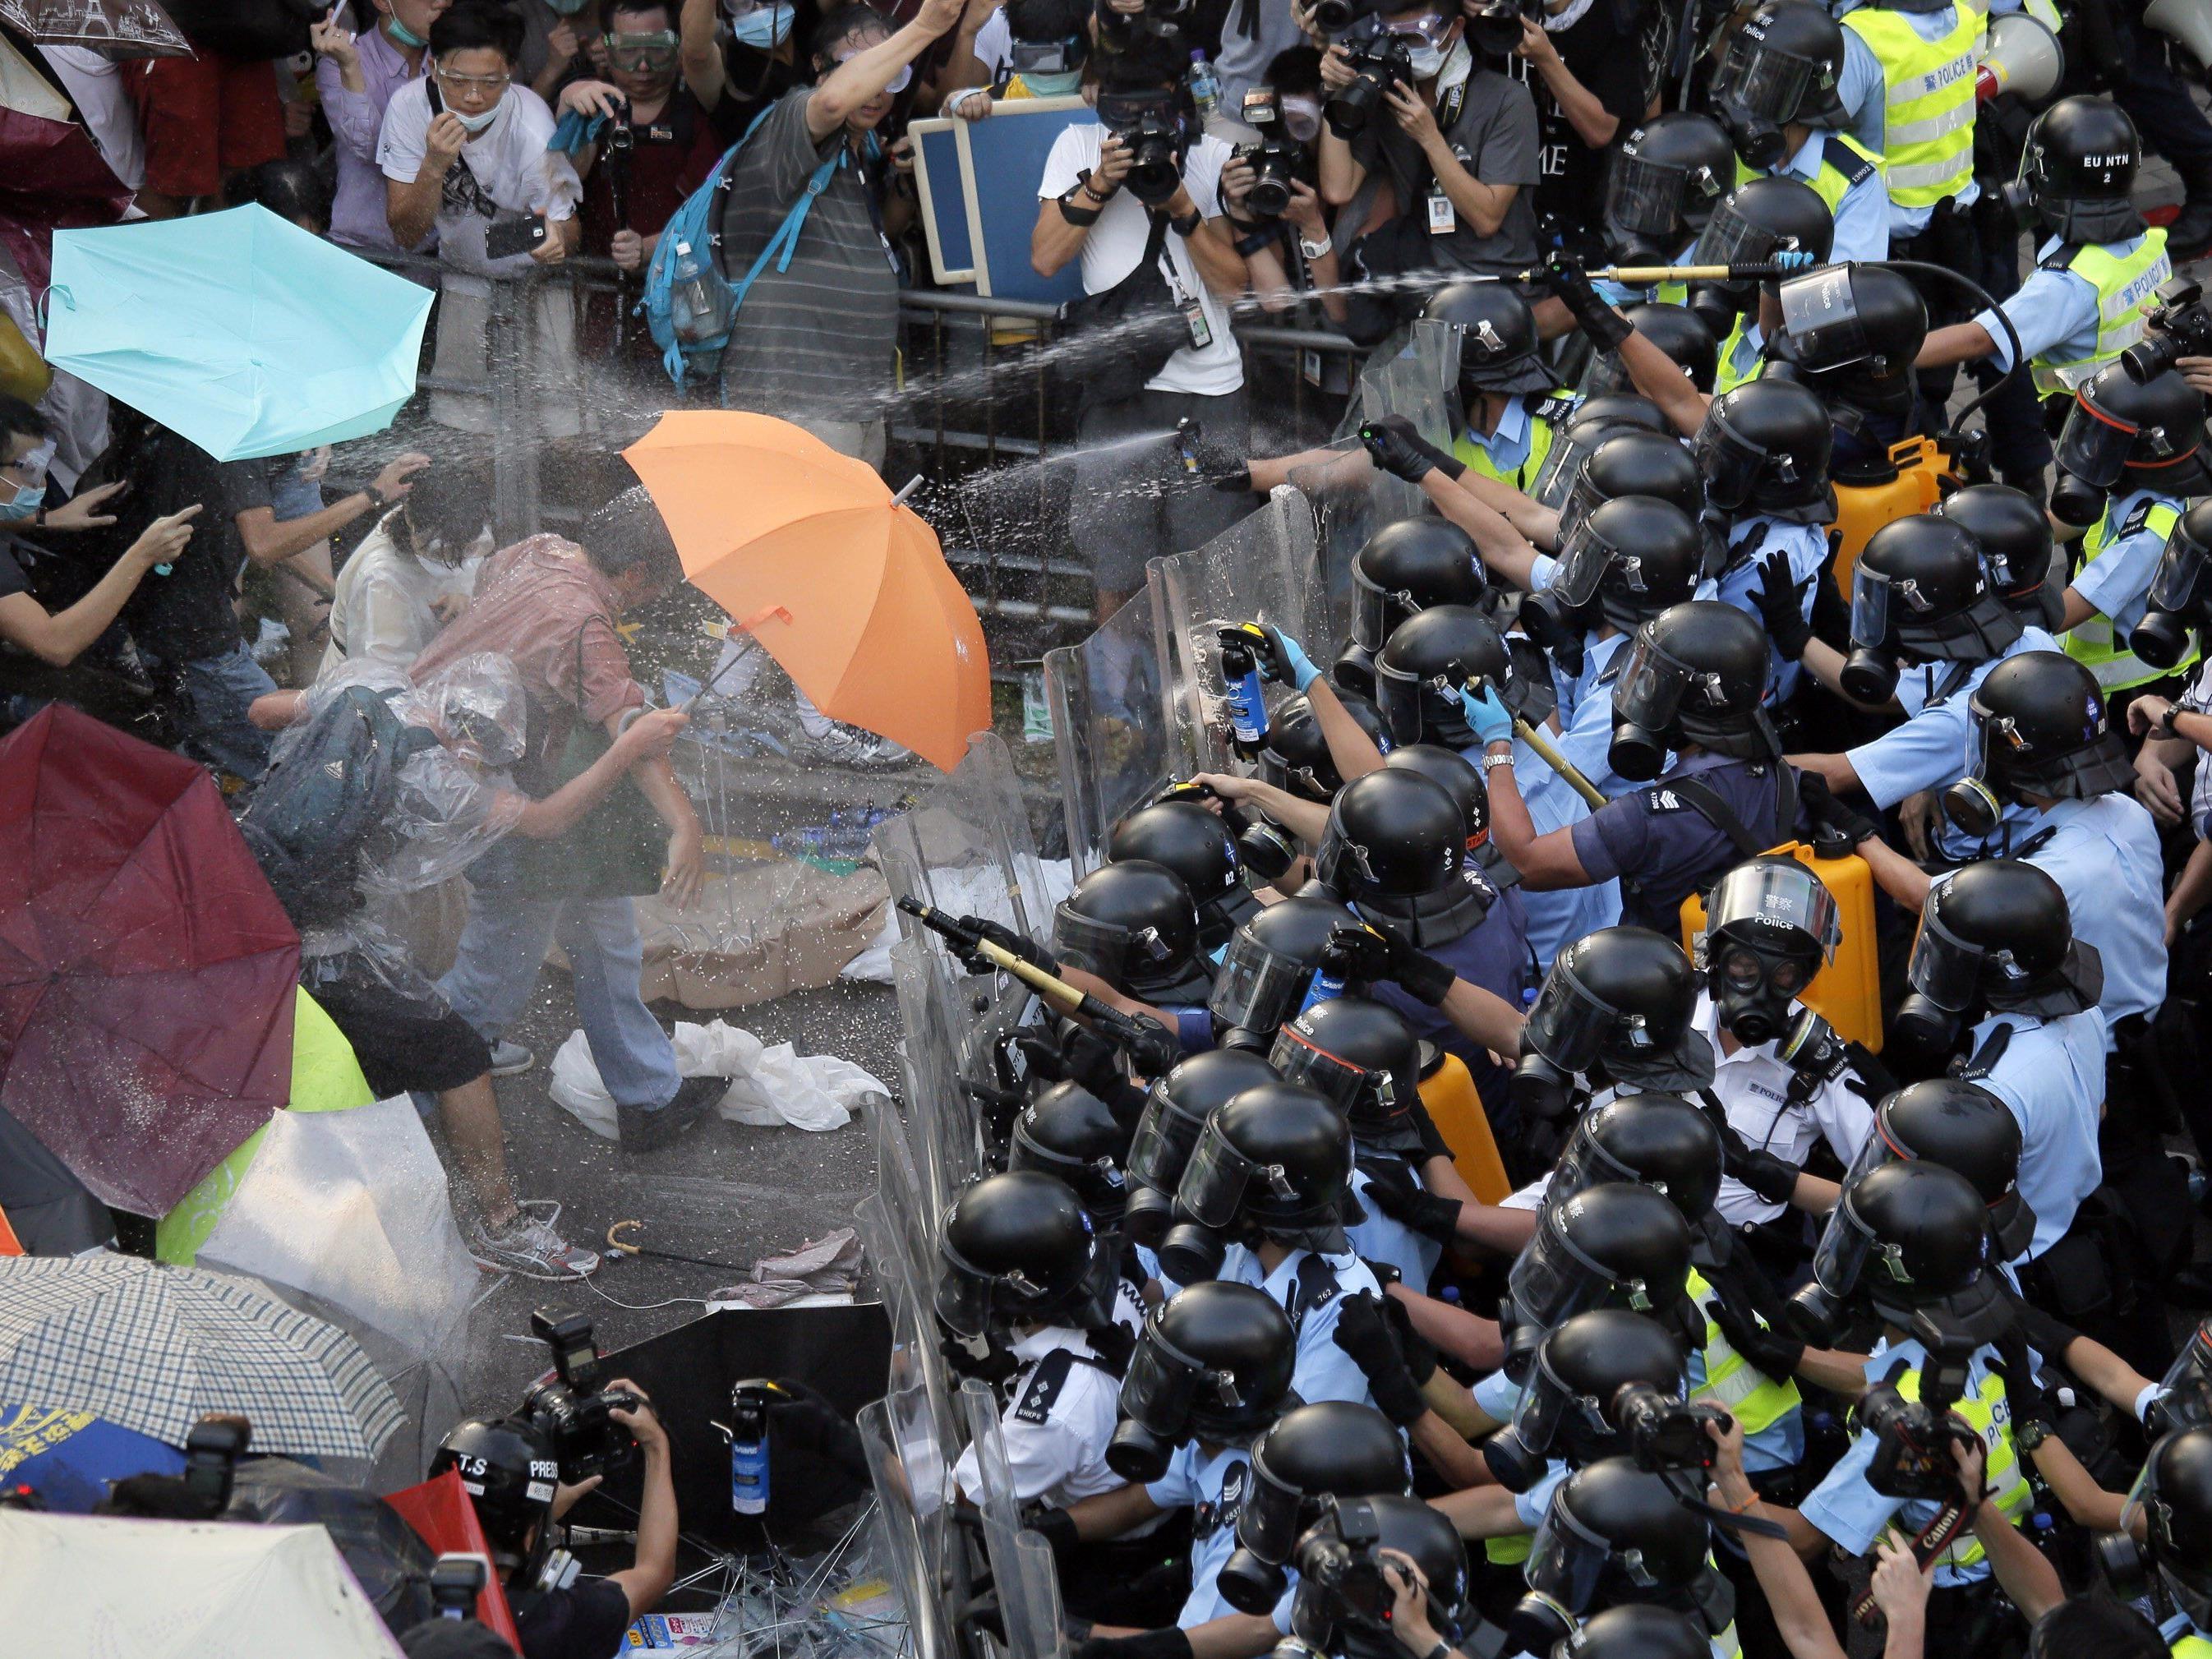 """Studentenvereinigung droht mit Streik ab Donnerstag - Peking: """"Illegale Versammlung""""."""